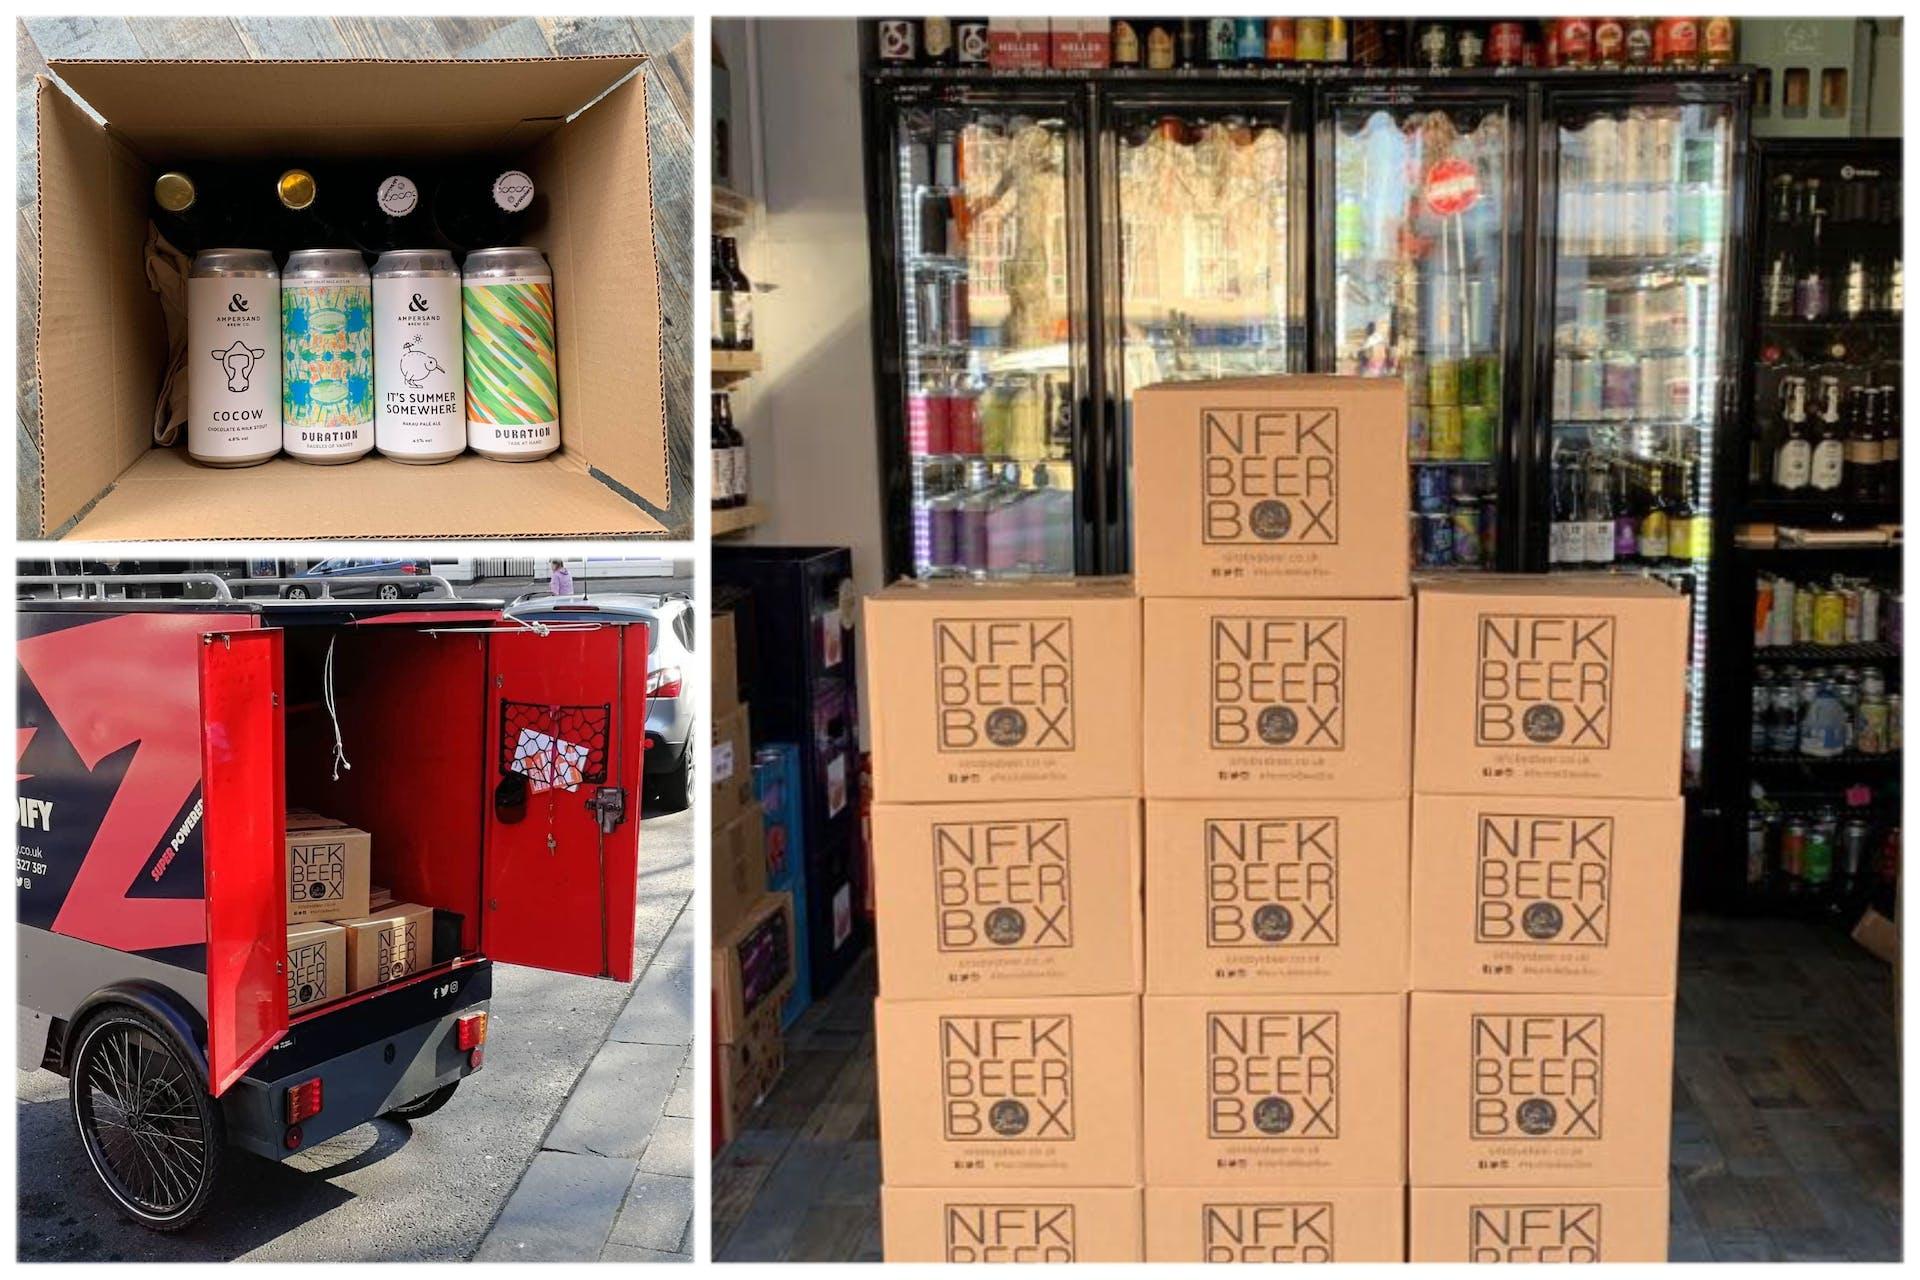 Sir Toby's Bedrock Norfolk Beer Box